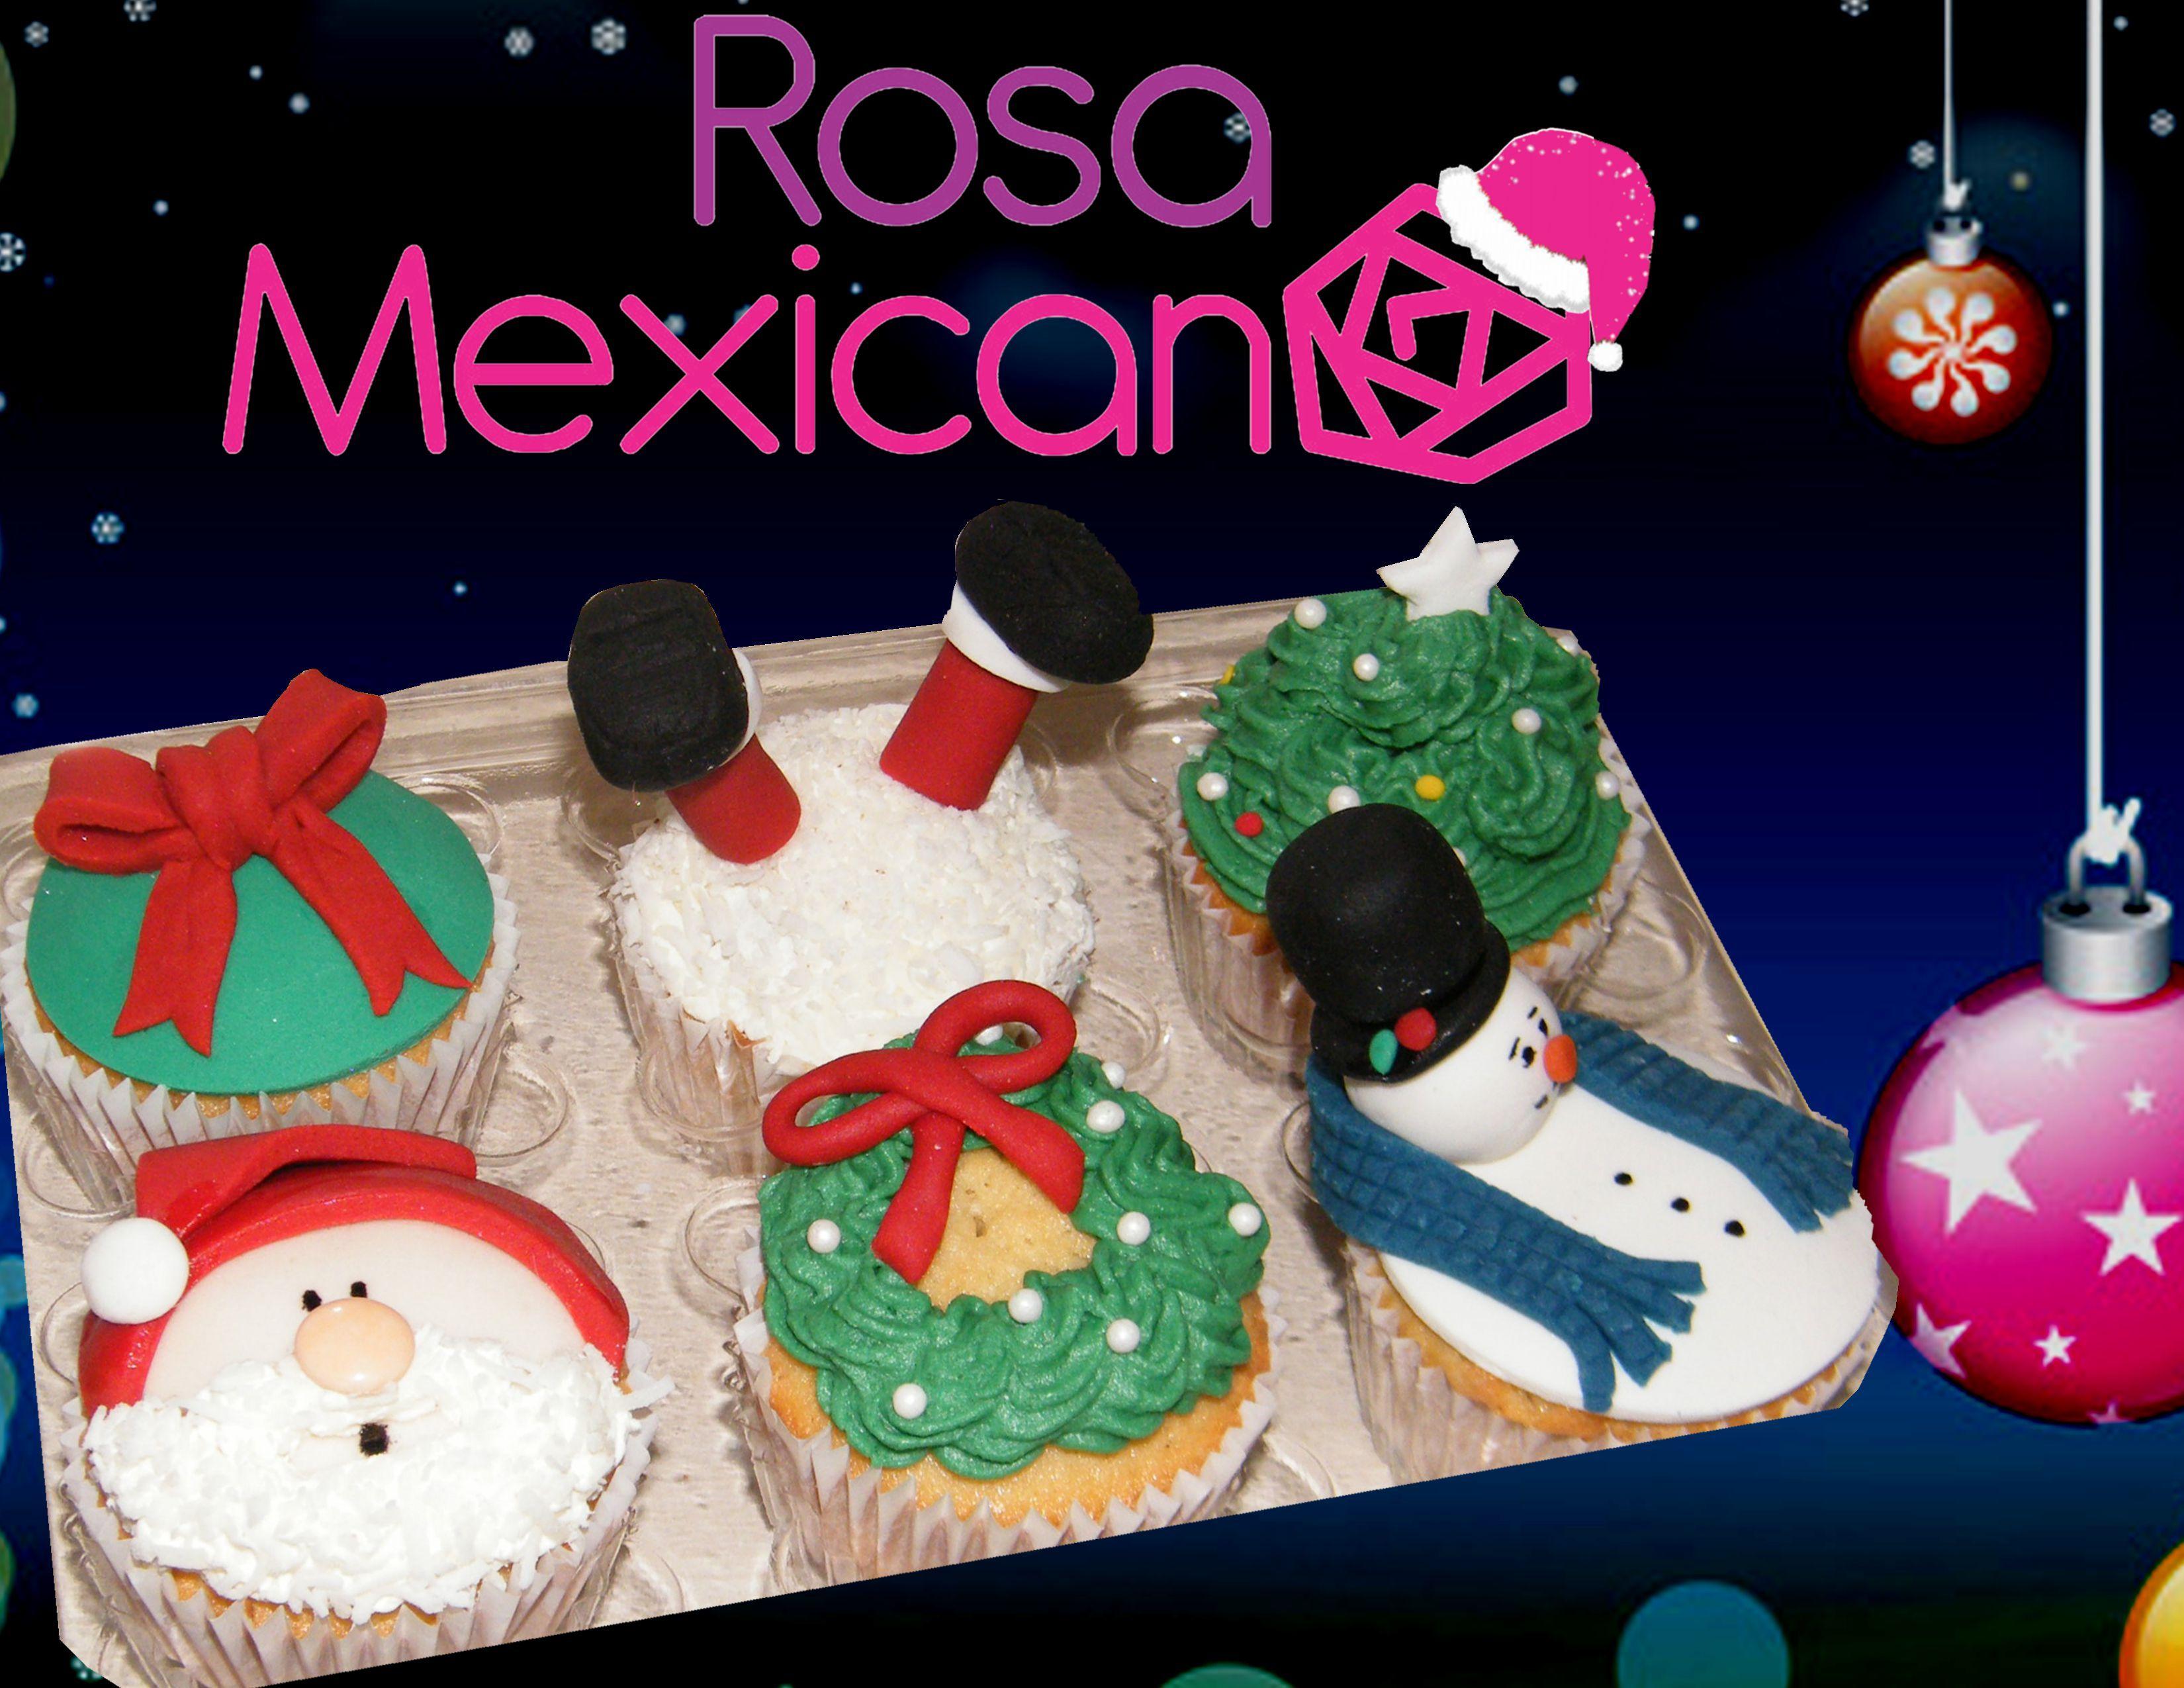 Cupcakes de fondant y betún, deliciosos, lindisimos, se pueden rellenar!